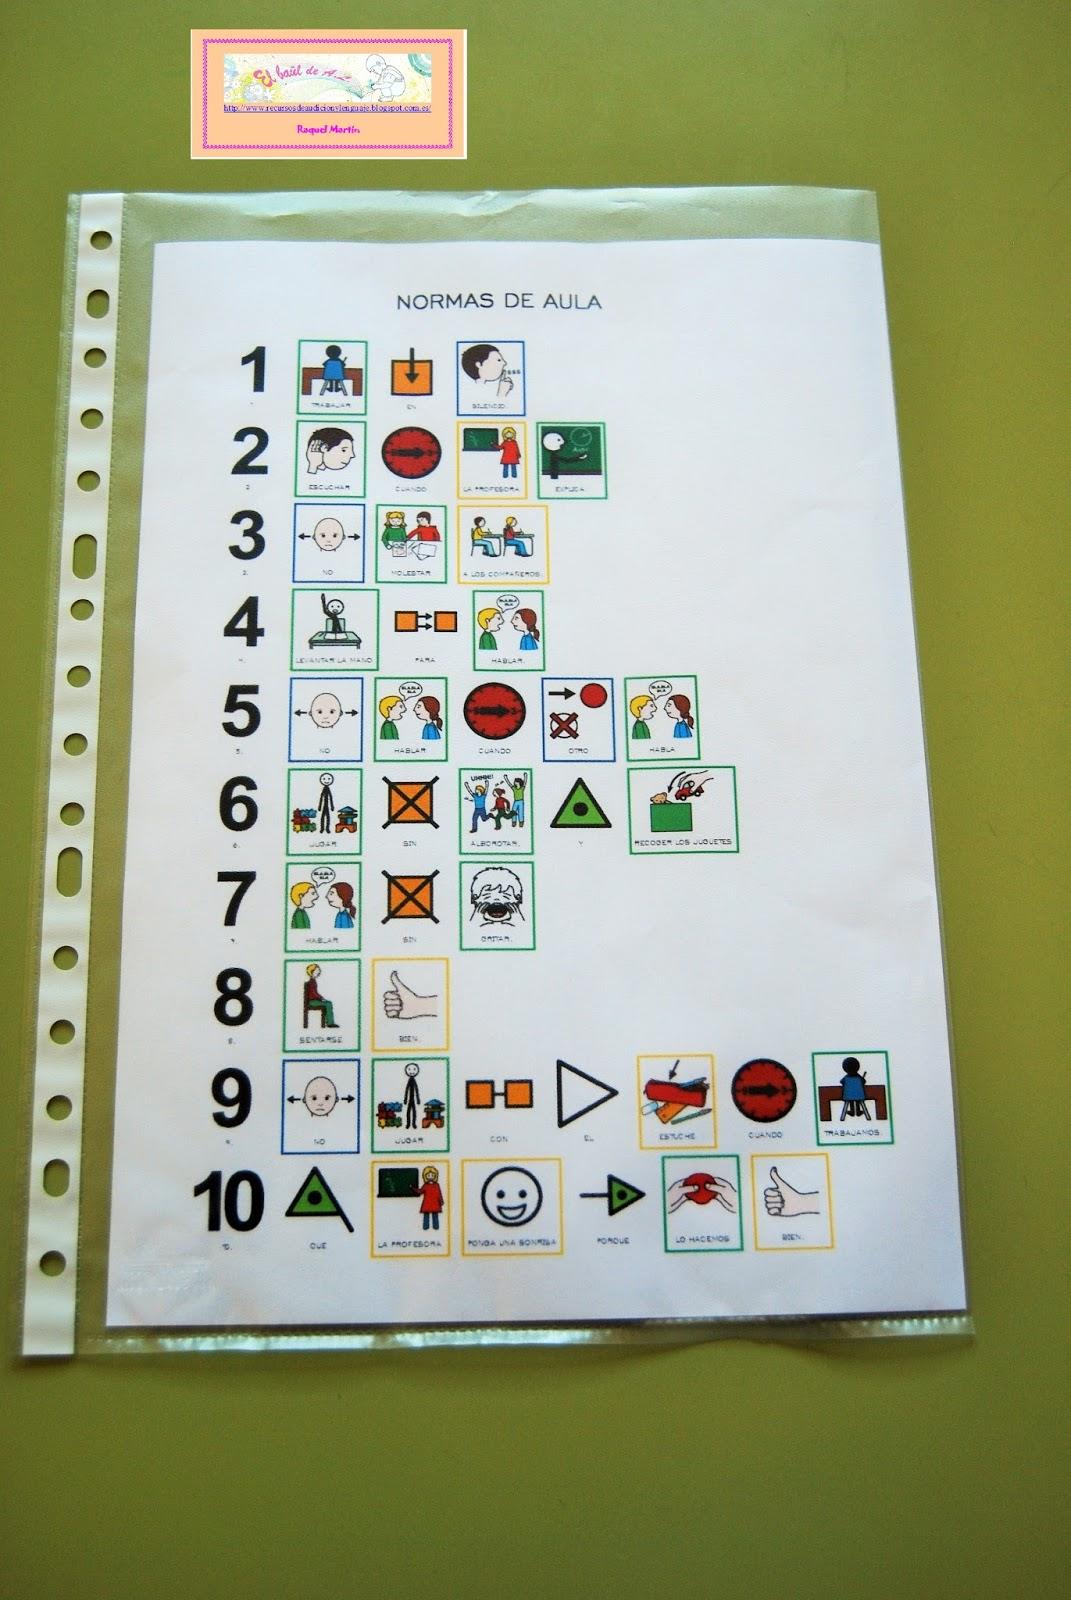 Resultado de imagen de cuaderno pictogramas aula tea